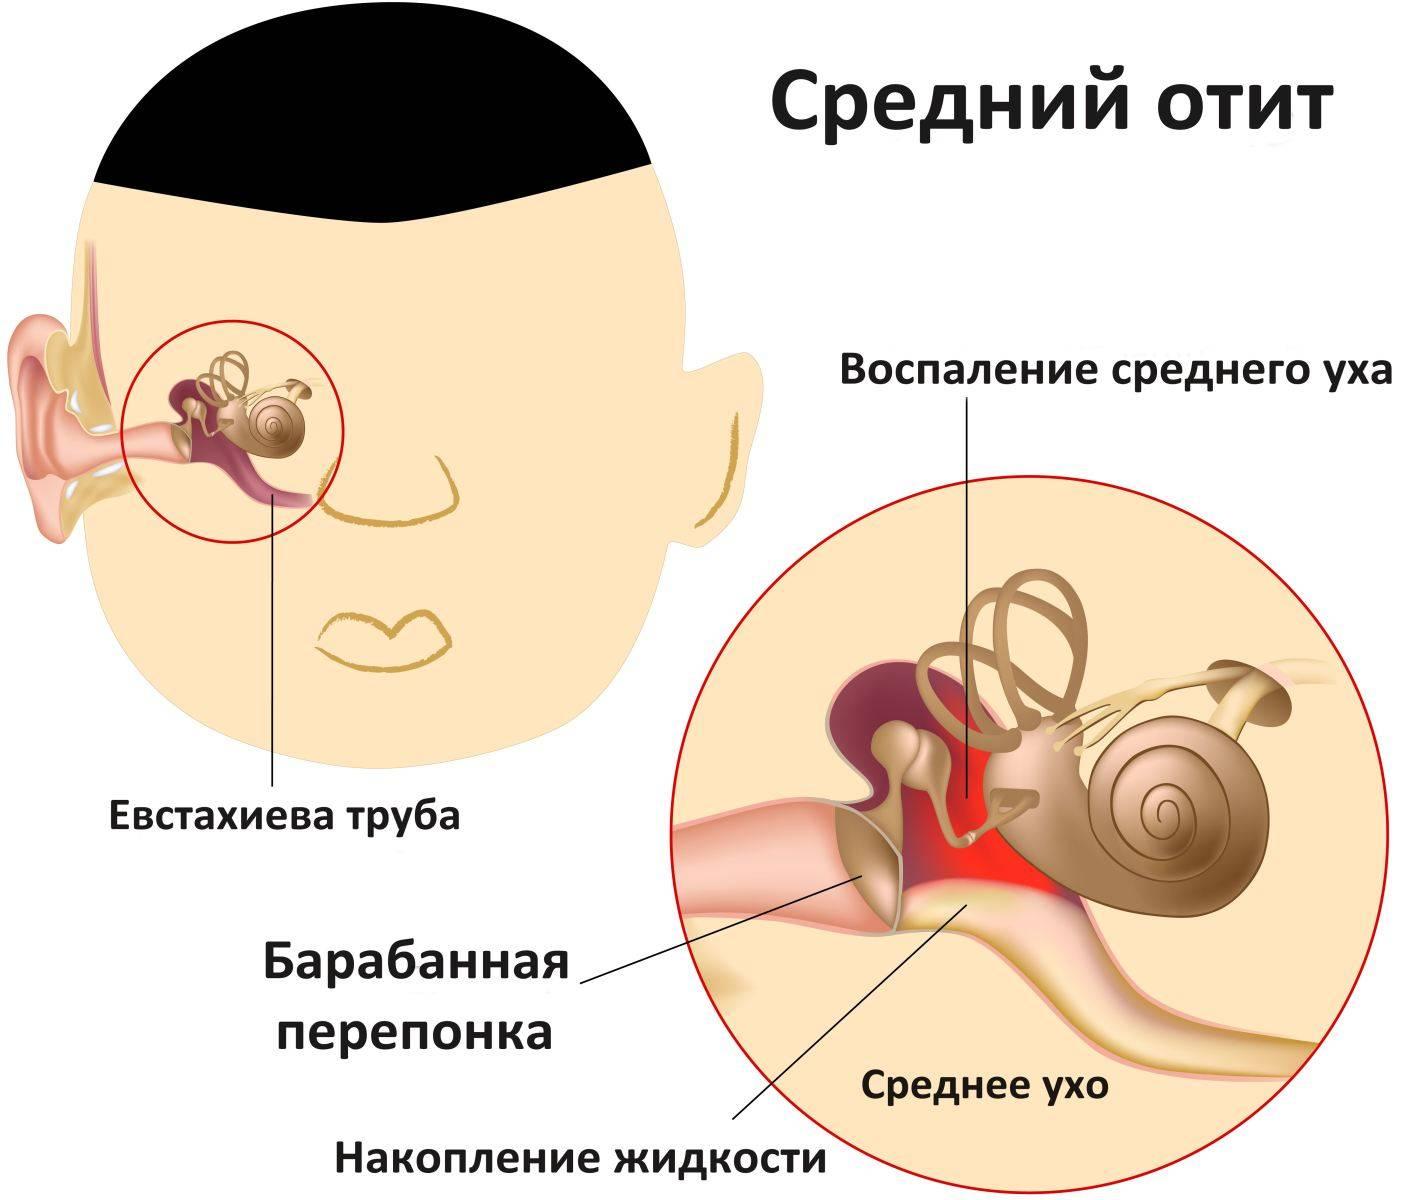 Если болит ухо у ребенка, что делать в домашних условиях: камфорное масло